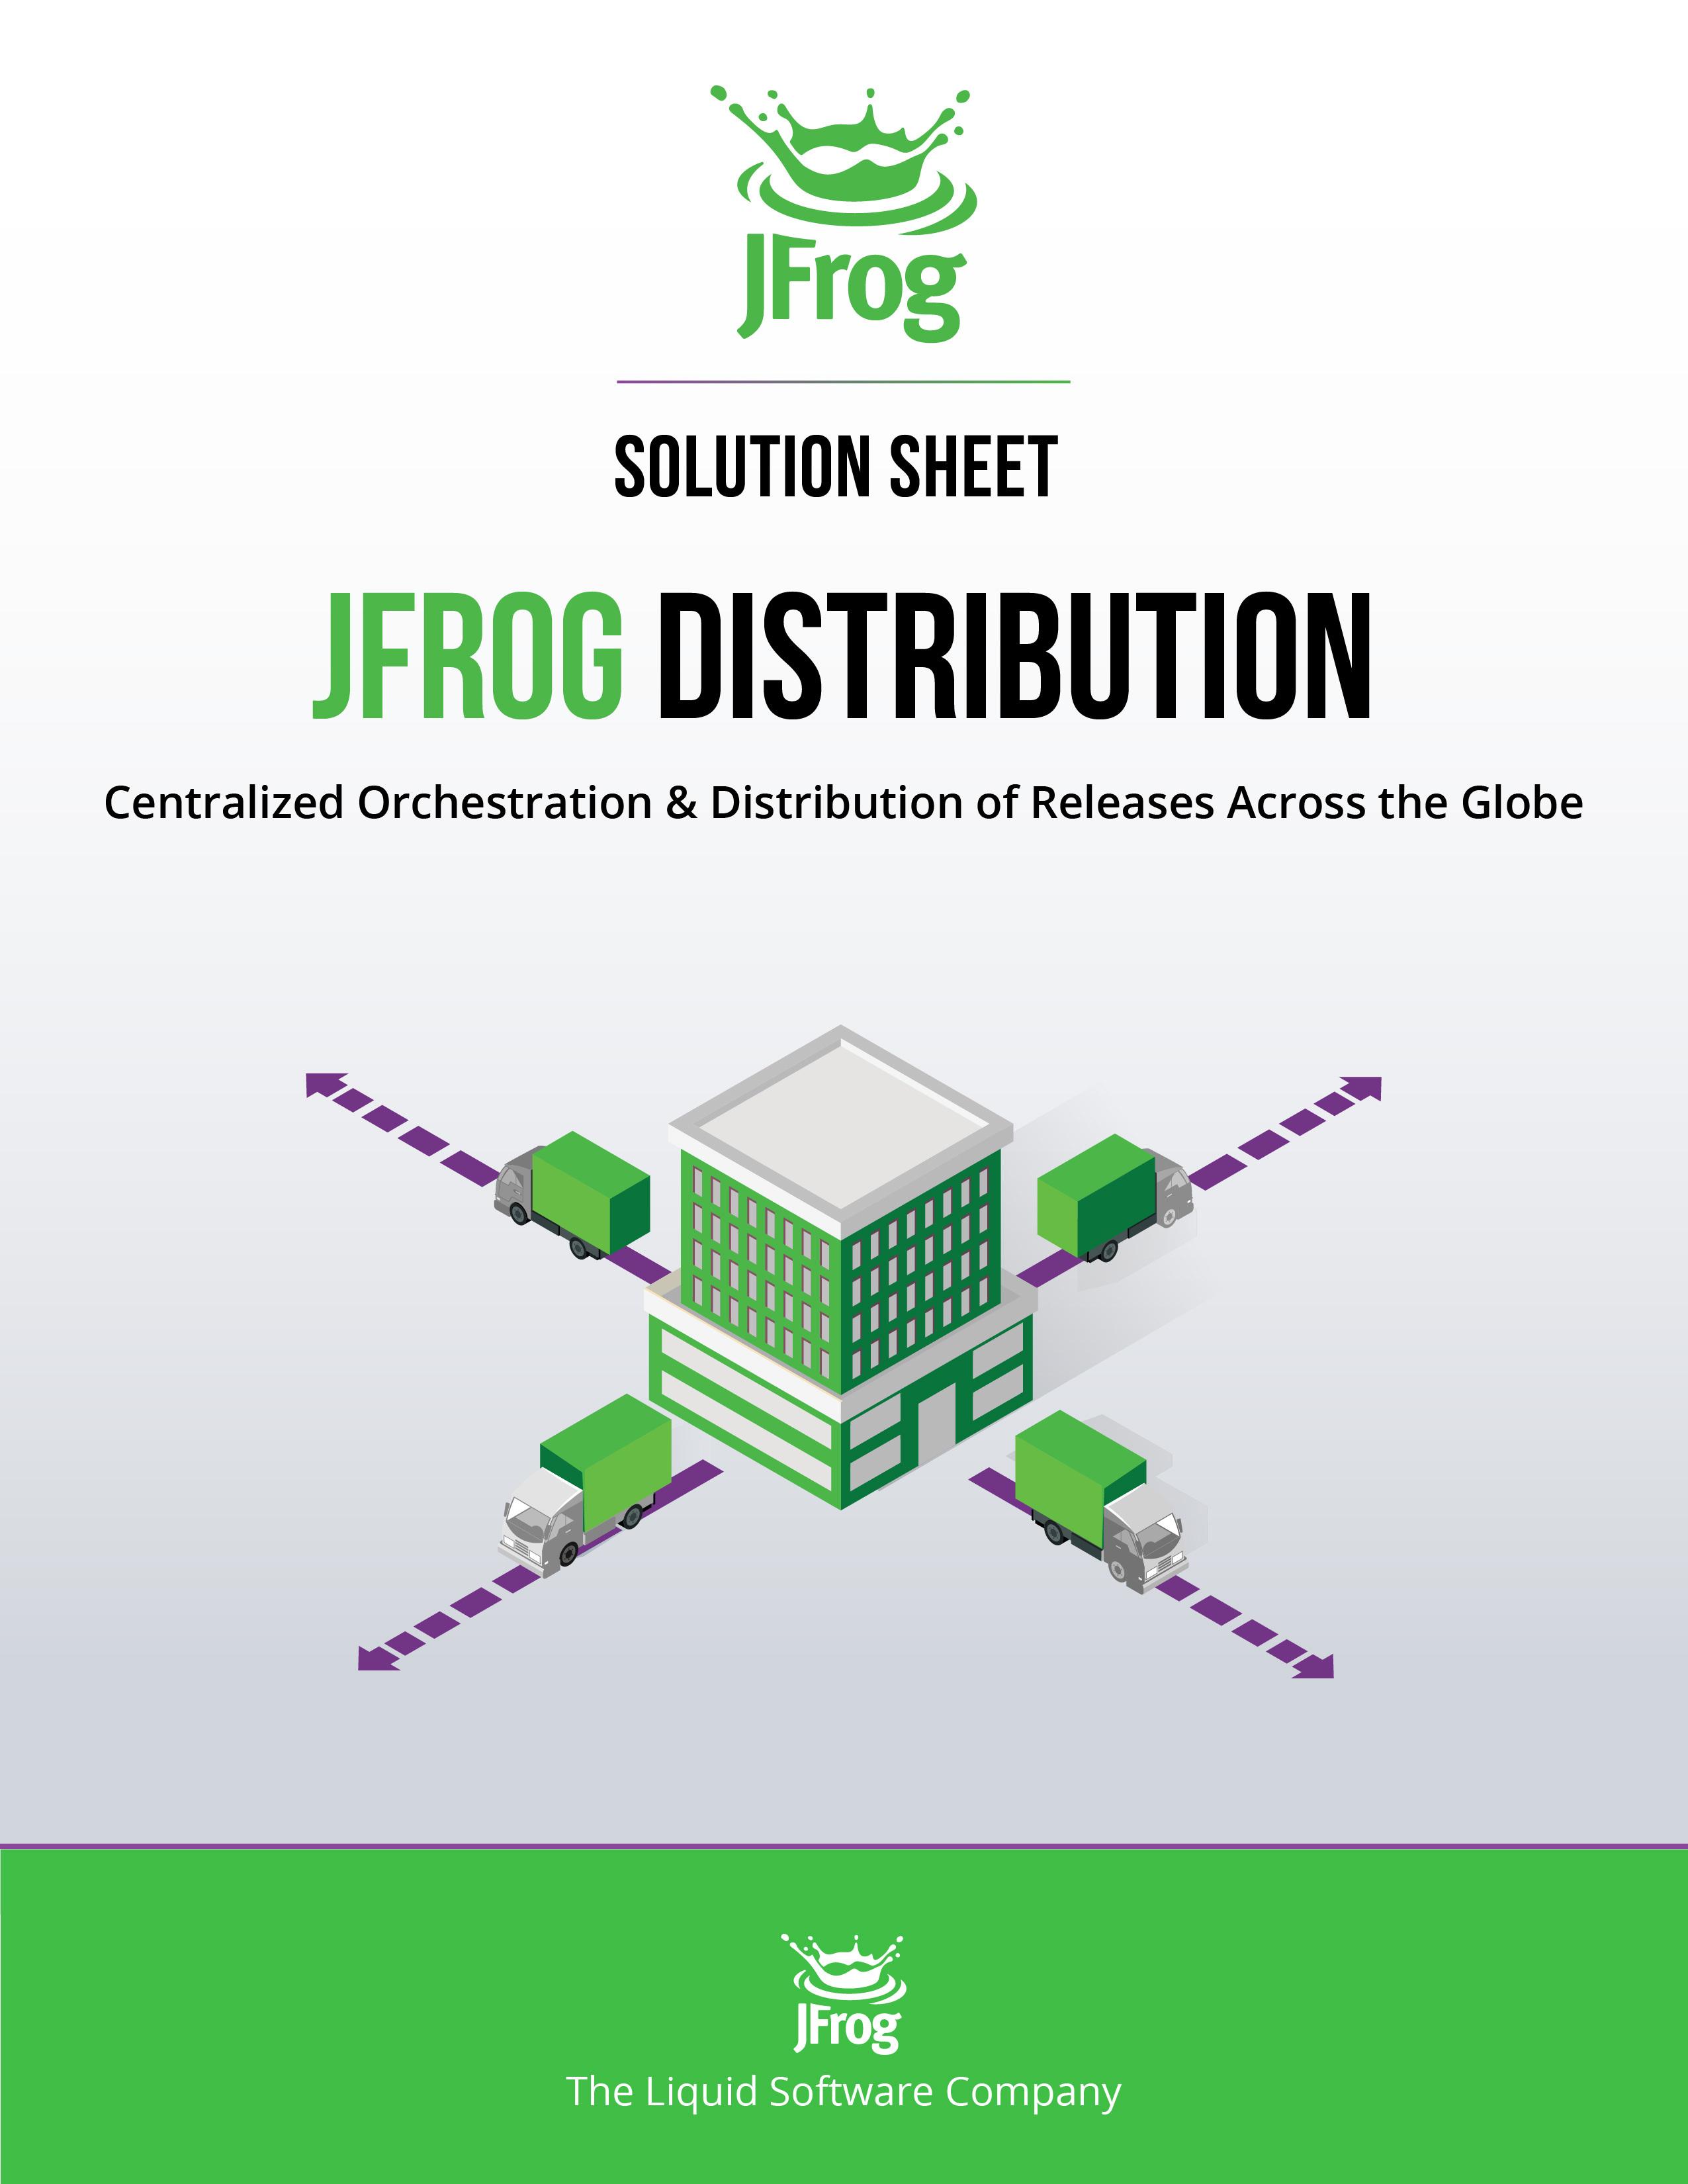 JFrog Distribution Solution Sheet